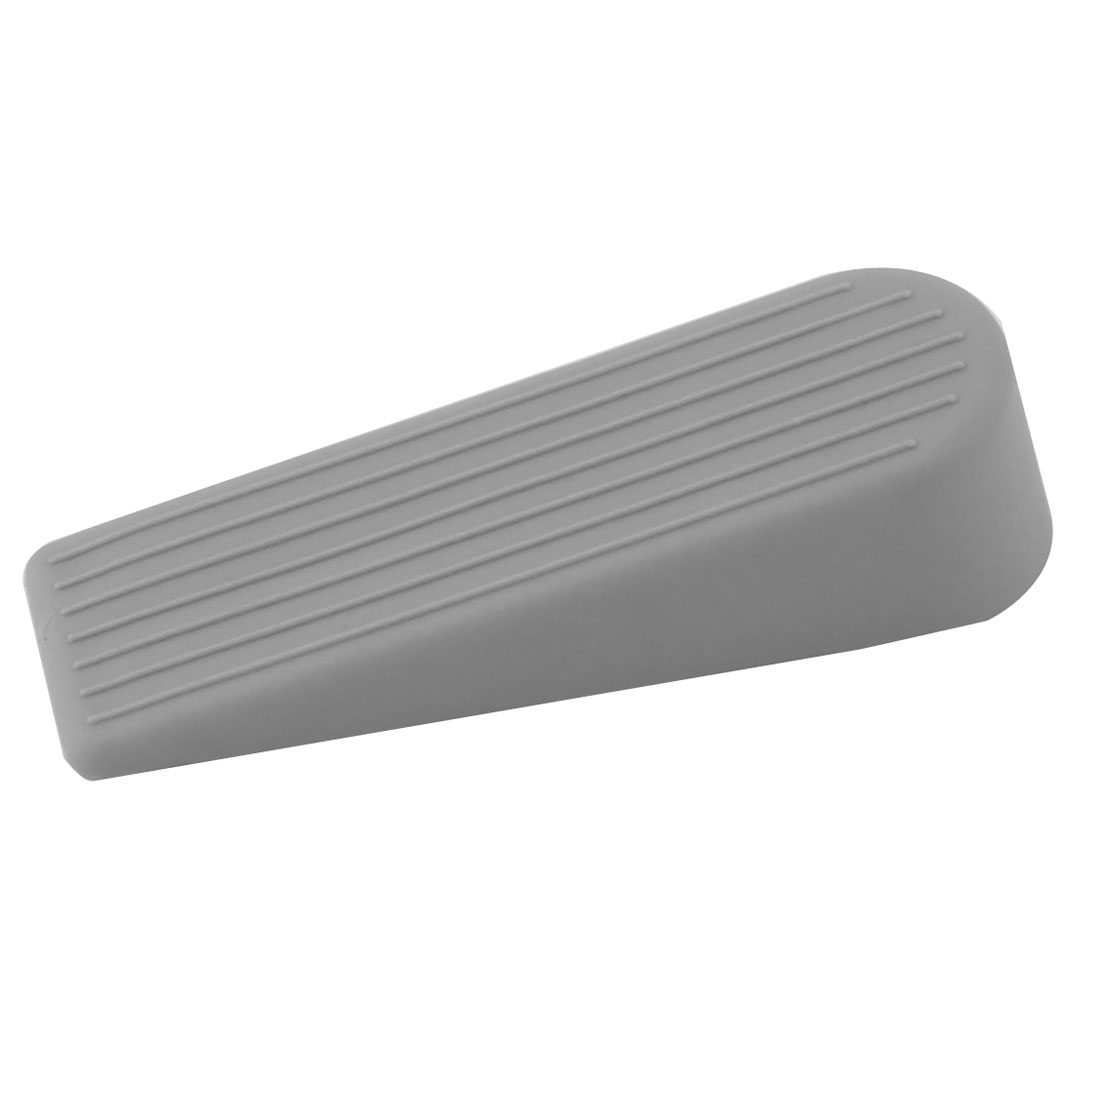 Home Rubber Non-slip Security Wedge Jam Door Decor Stopper Doorstops Gray